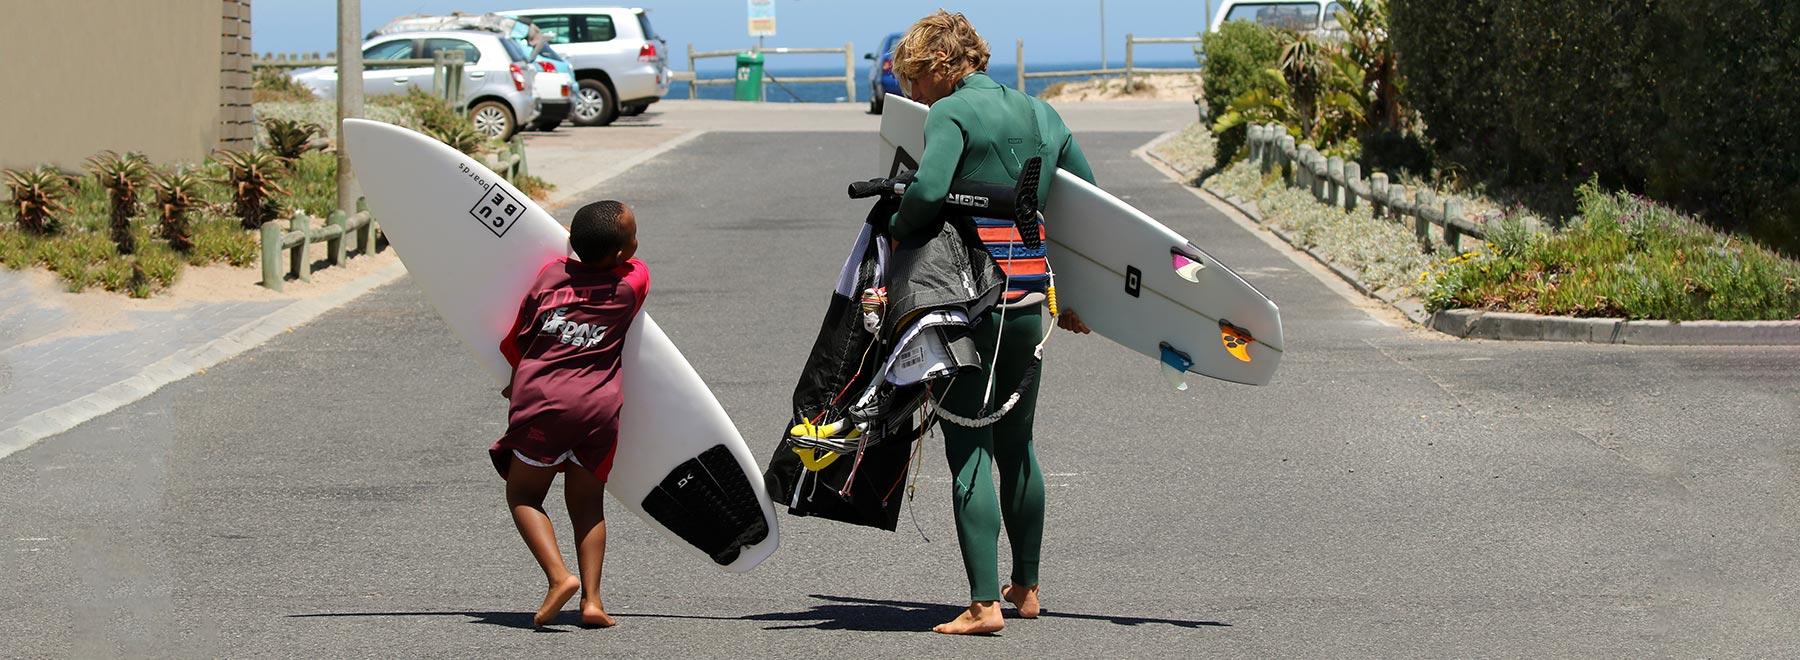 Kitesurfen in Kapstadt- Kiteurlaub Suedafrika